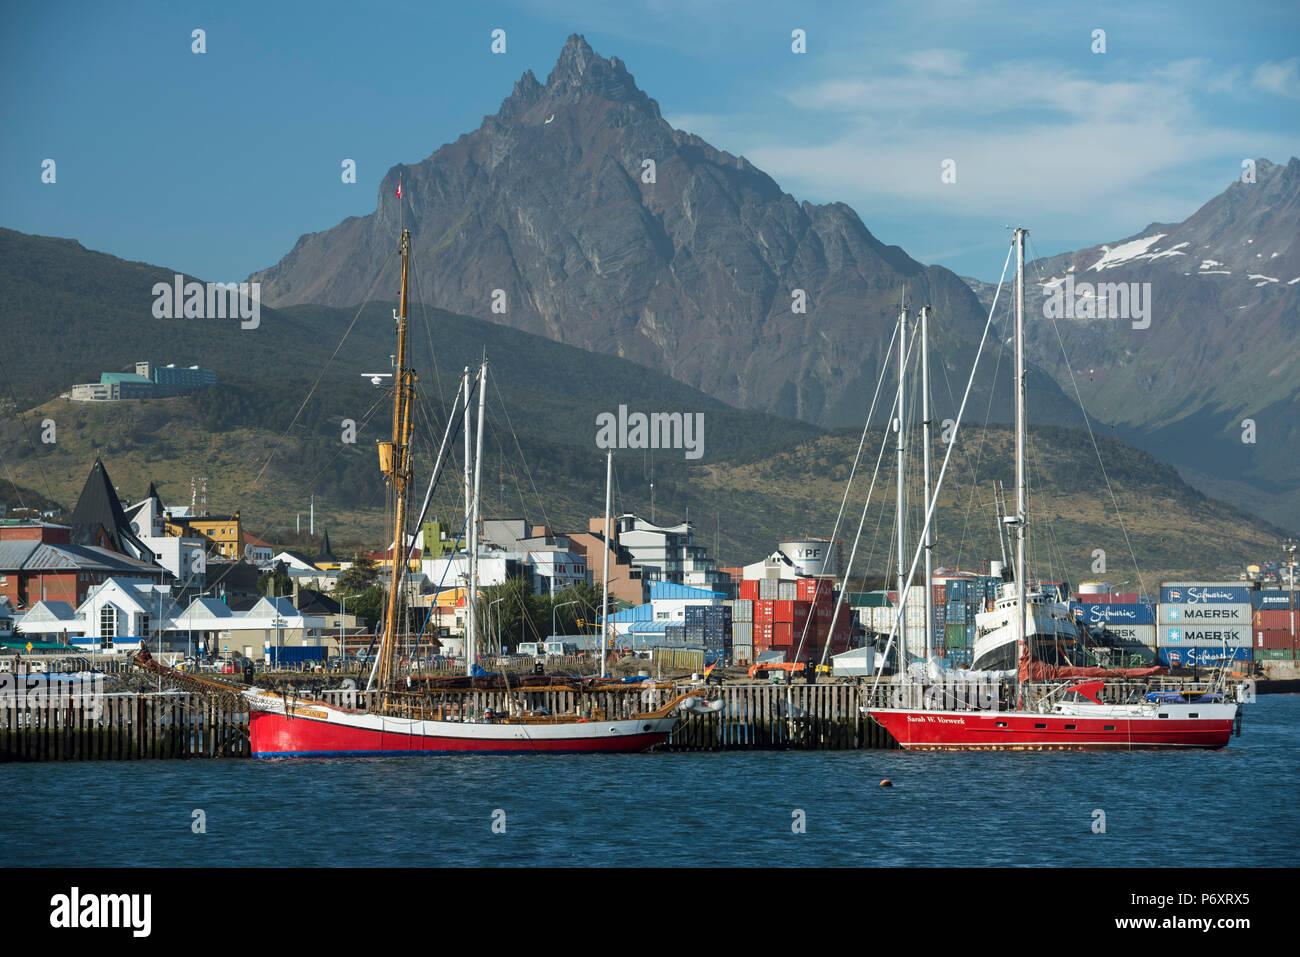 América del Sur, Argentina, Tierra del Fuego, puerto de Ushuaia. Imagen De Stock